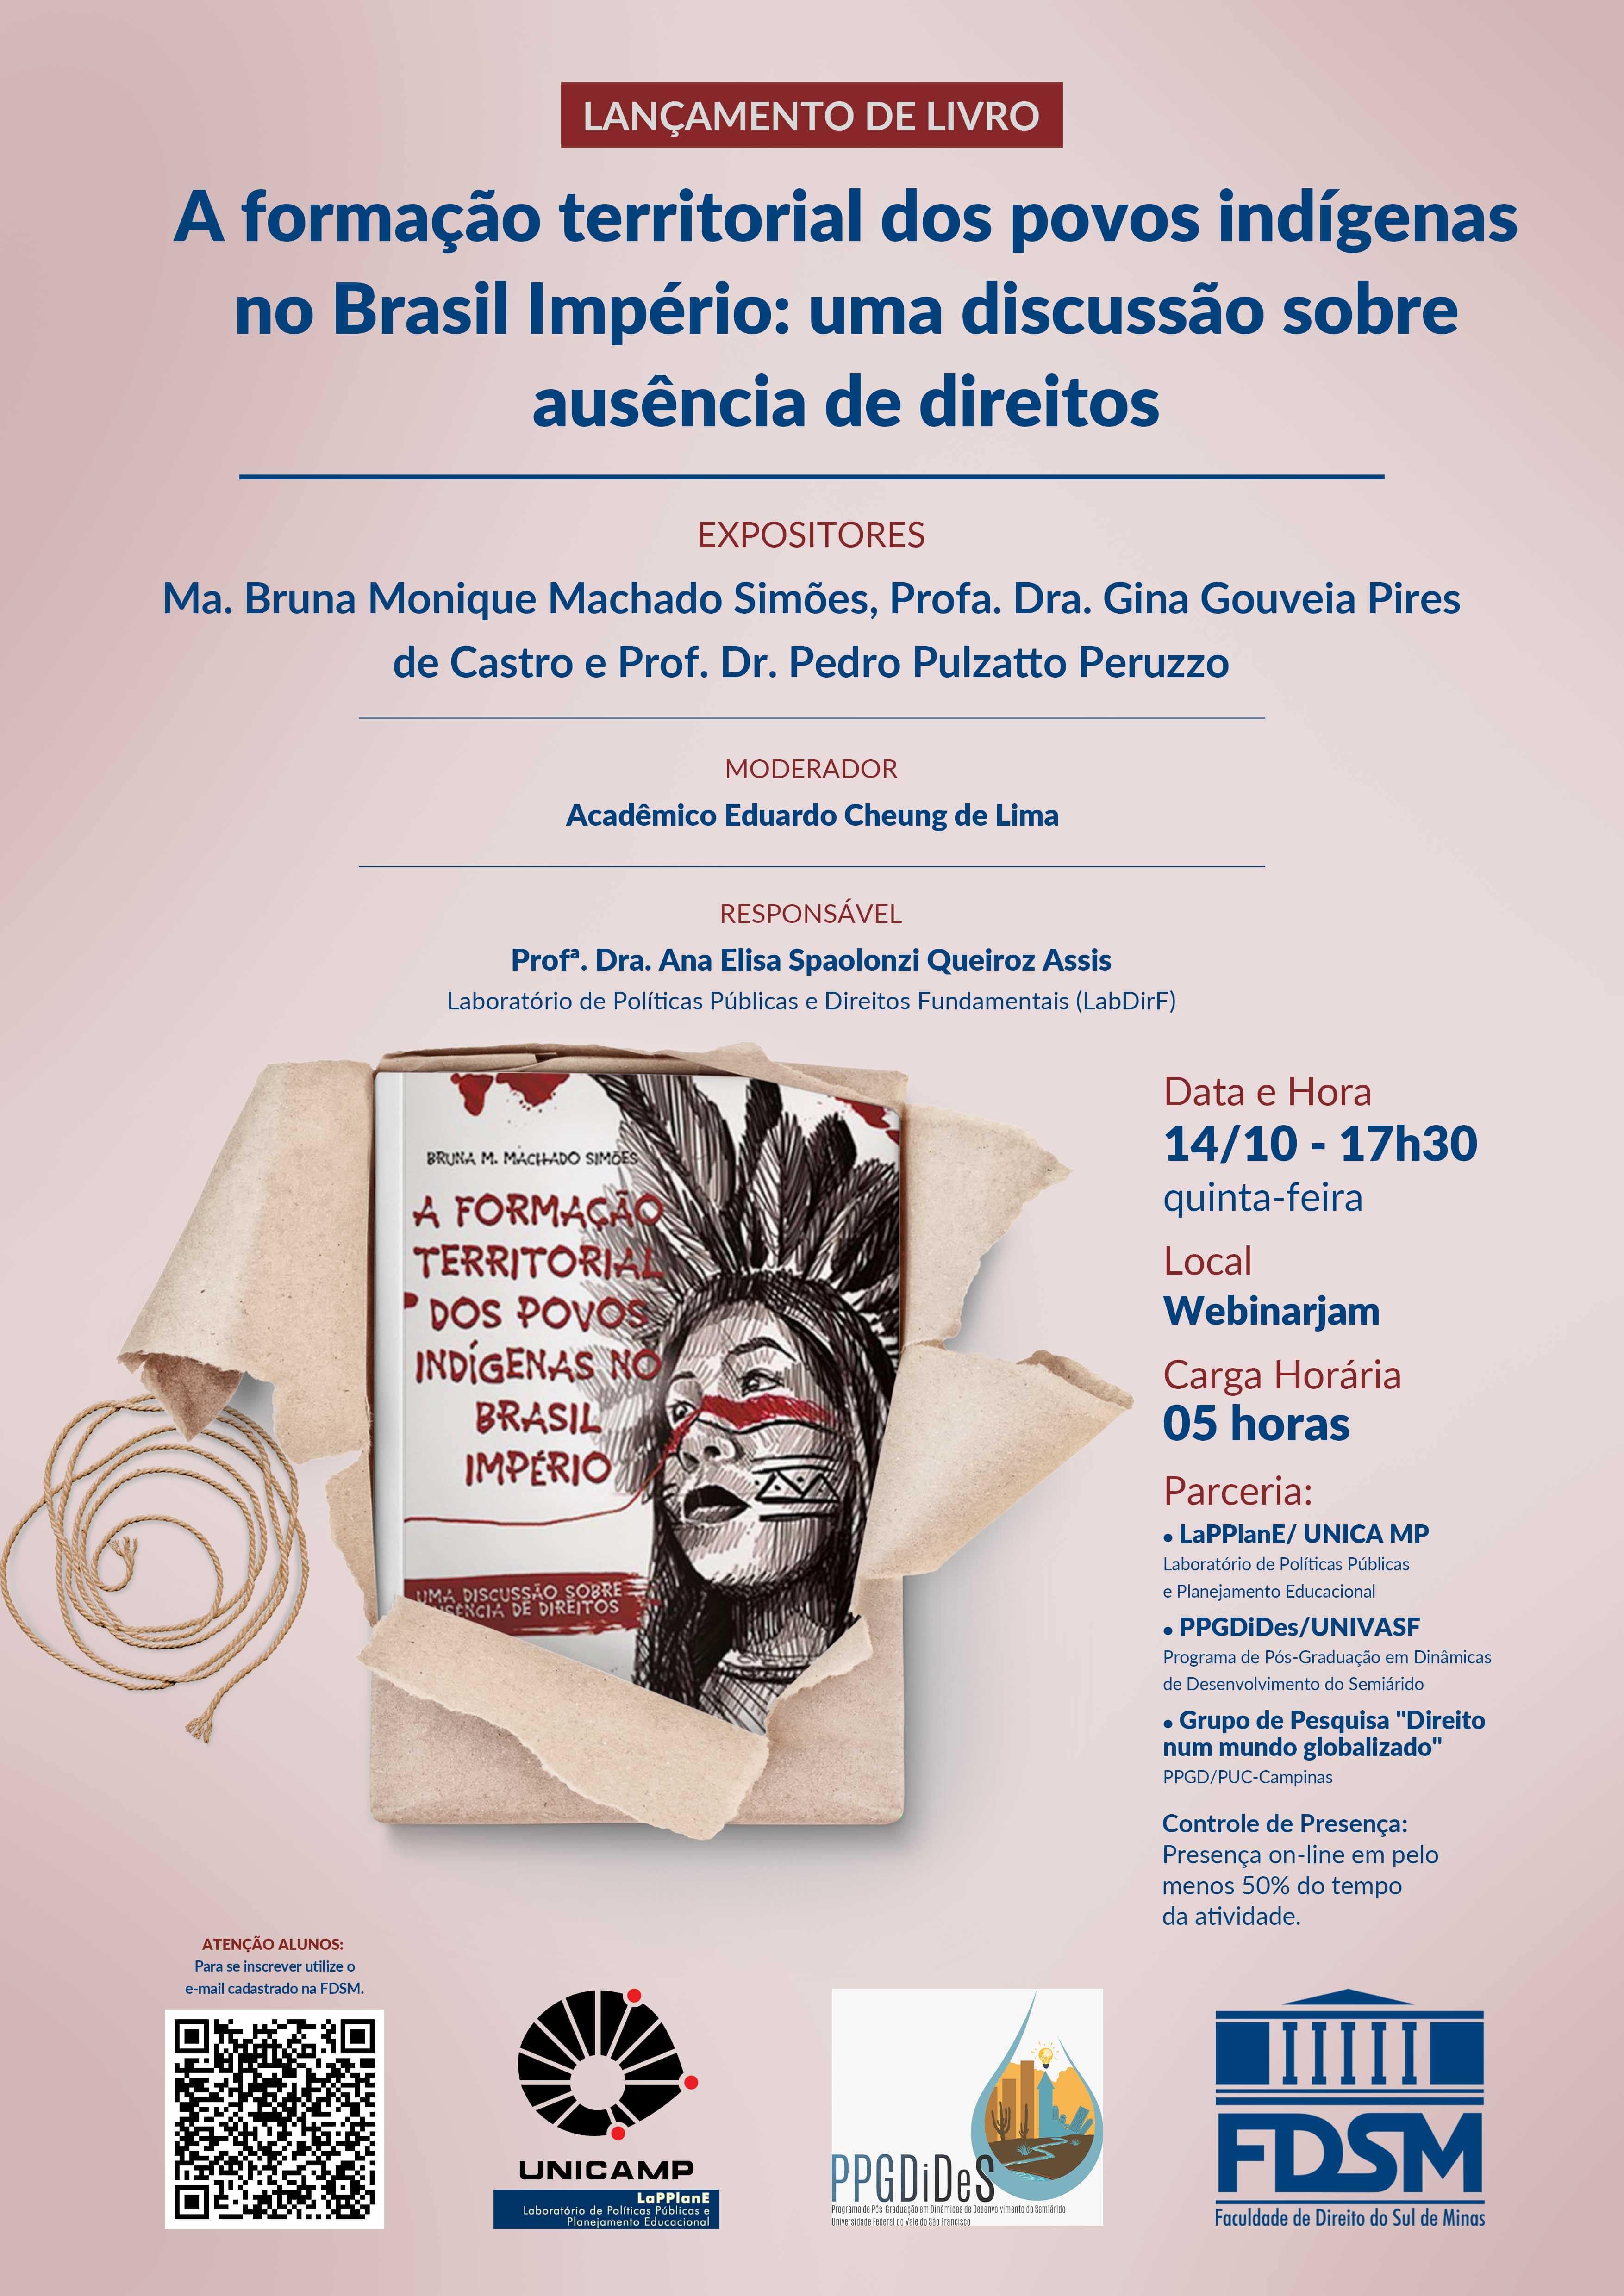 Evento 802 - LANÇAMENTO DE LIVRO 'A FORMAÇÃO TERRITORIAL DOS POVOS INDÍGENAS NO BRASIL IMPÉRIO: UMA DISCUSSÃO SOBRE AUSÊNCIA DE DIREITOS'